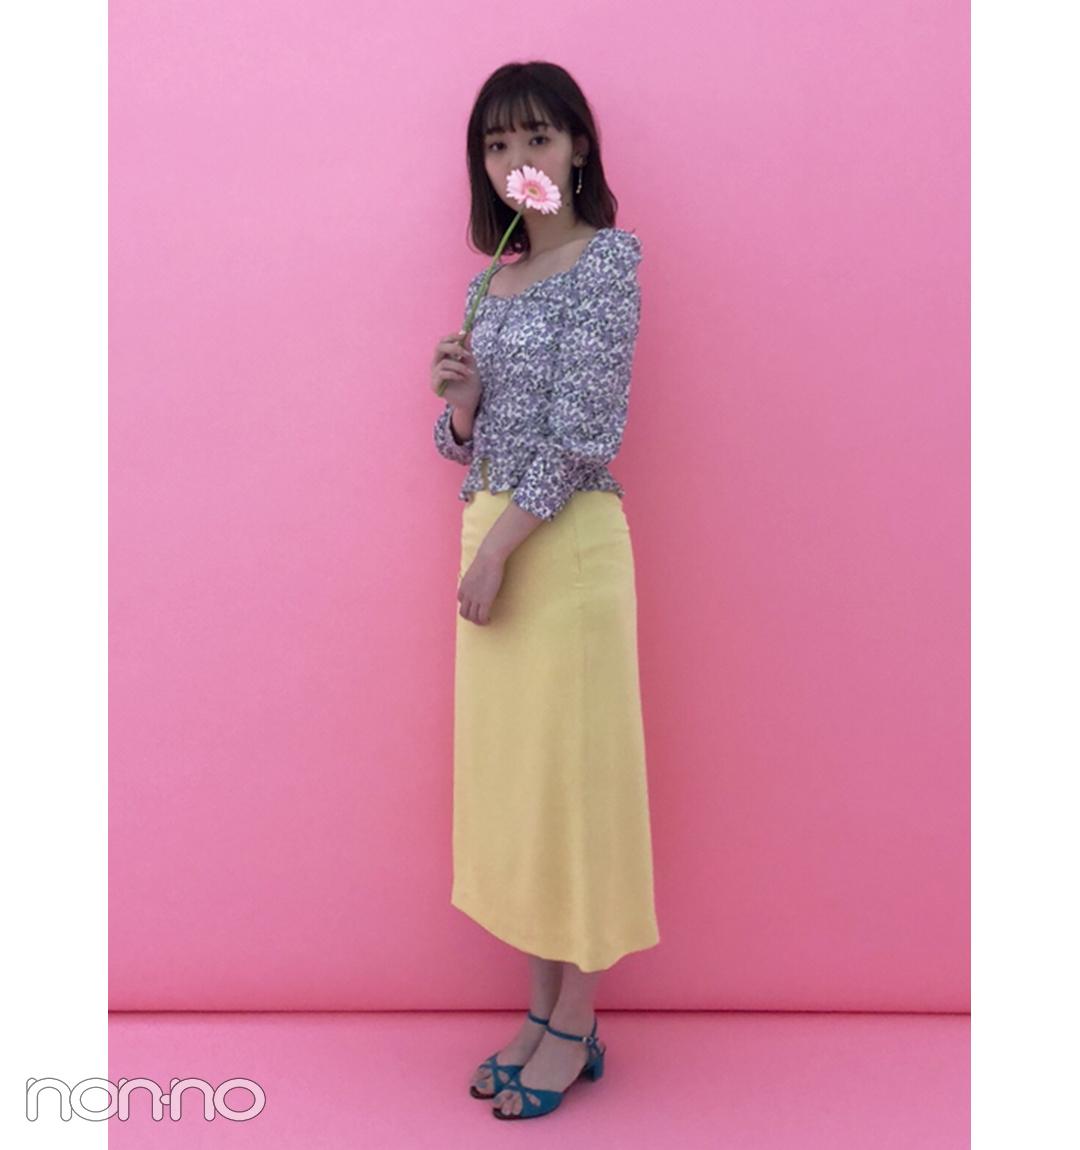 江野沢愛美は韓国ブランドでレトロマンチックコーデ【毎日コーデ】_1_1